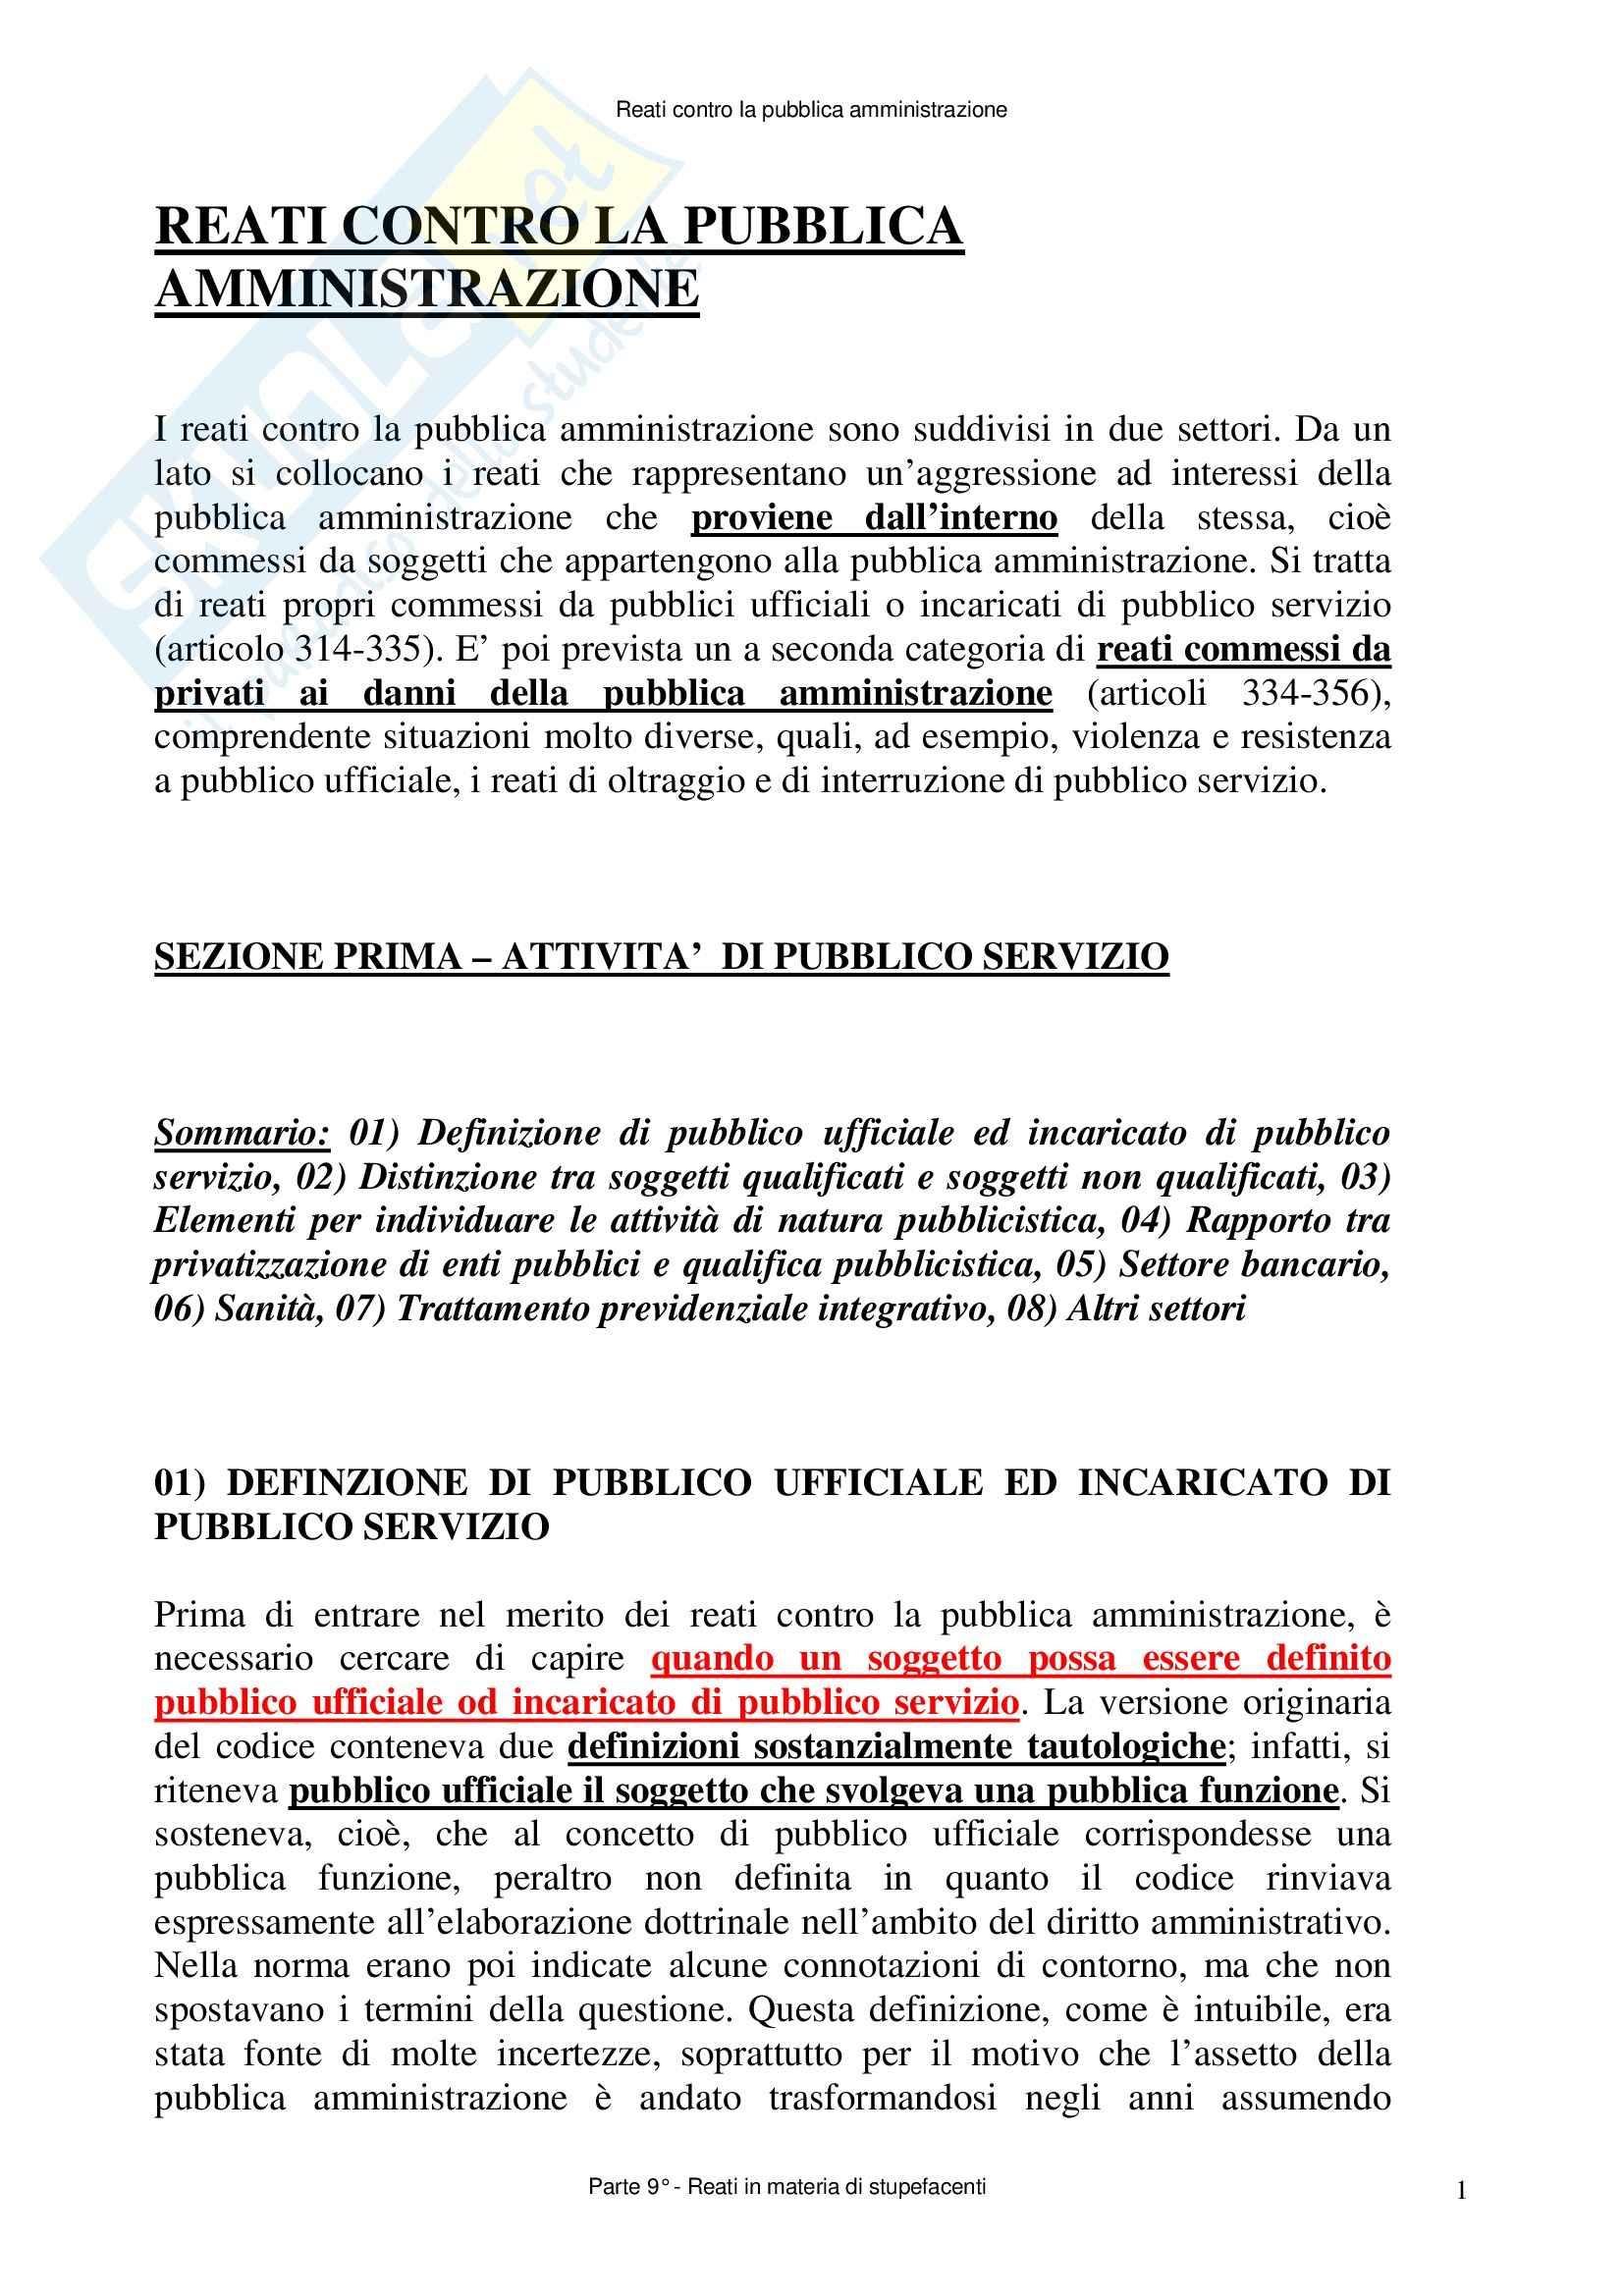 Diritto penale - reati contro la Pubblica Amministrazione- Appunti